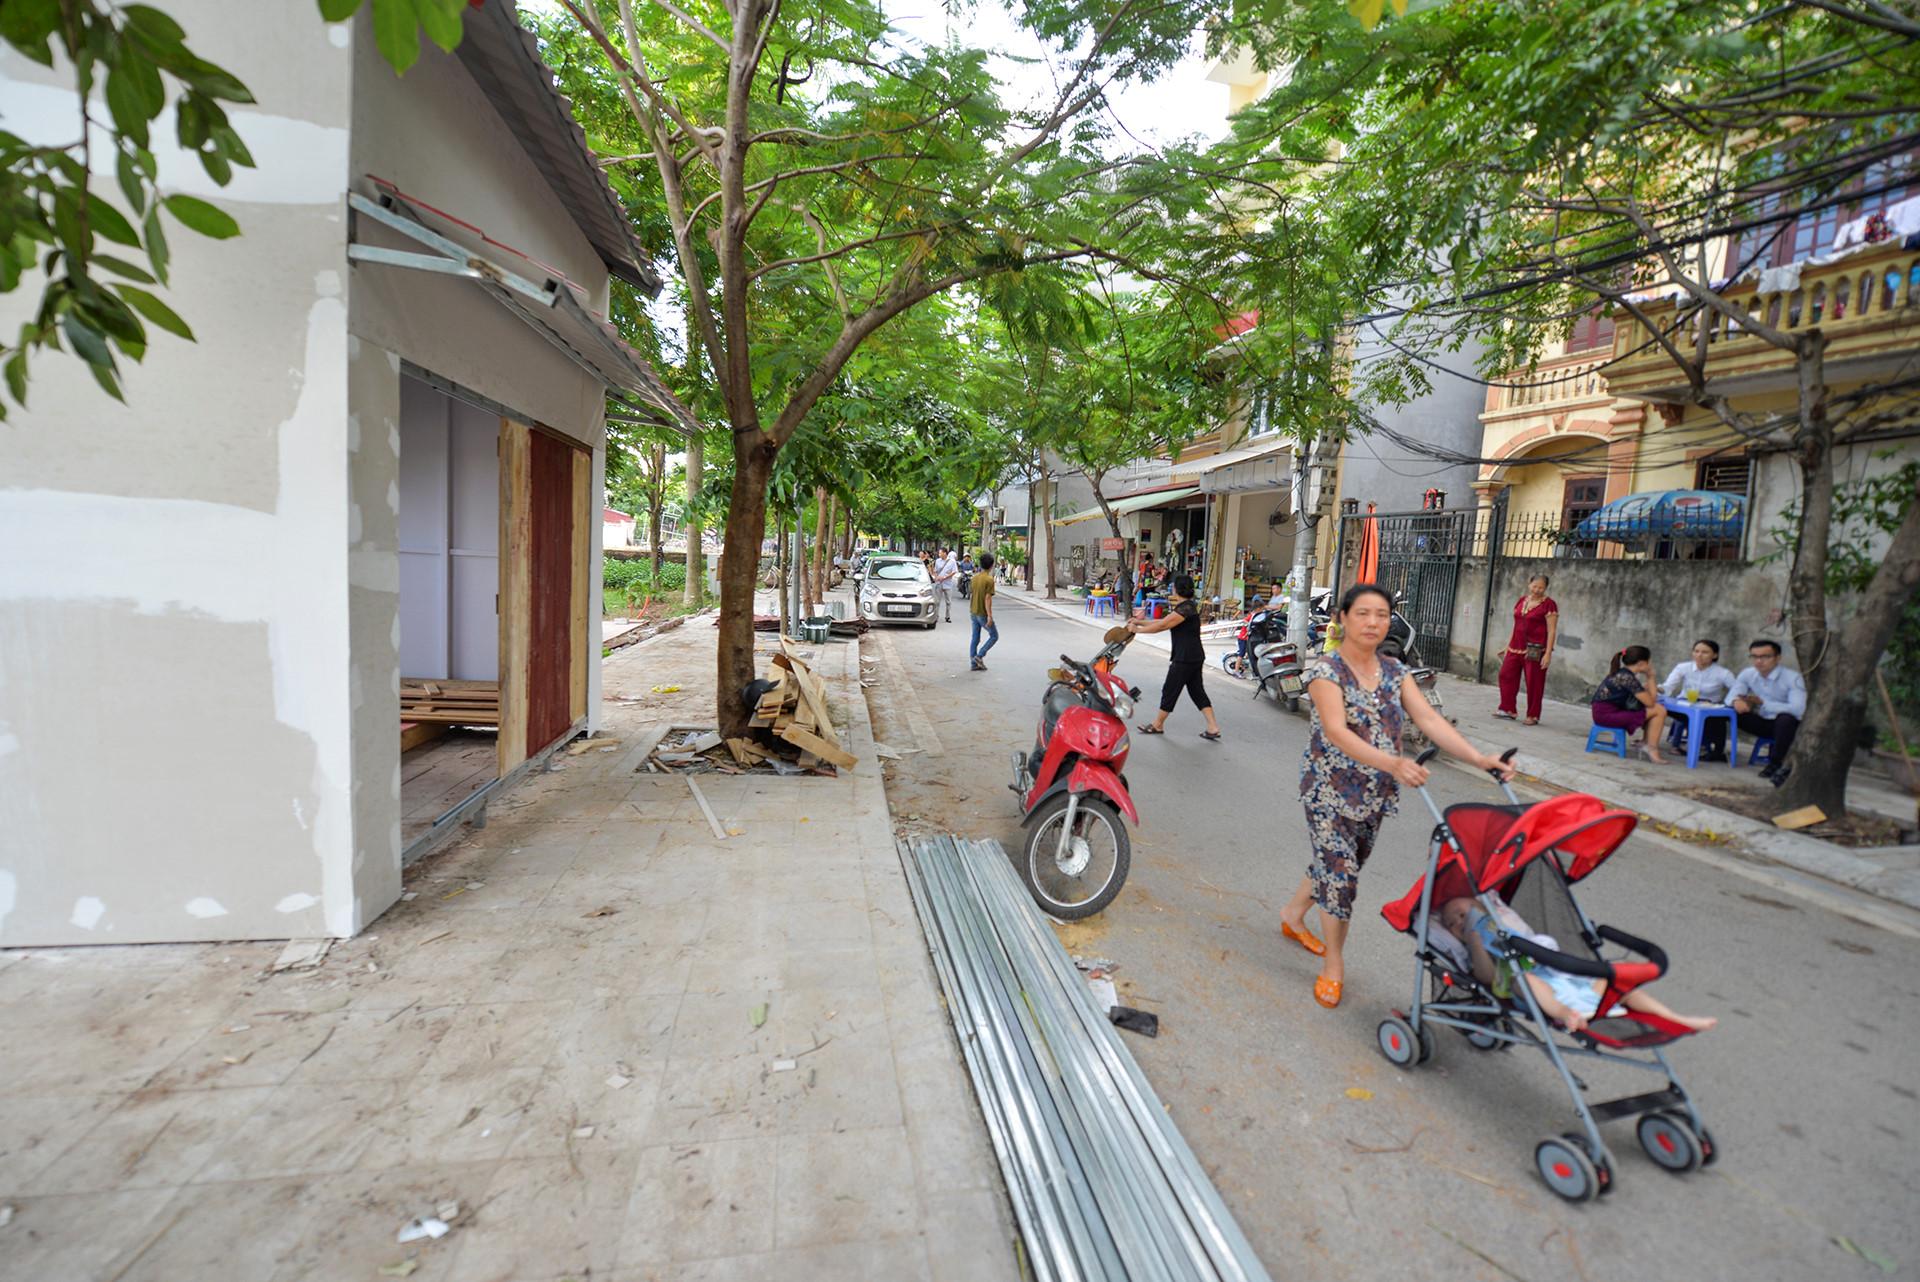 Các gian hàng ở phố đi bộ Trịnh Công Sơn phải tháo dỡ vì dân phản đối